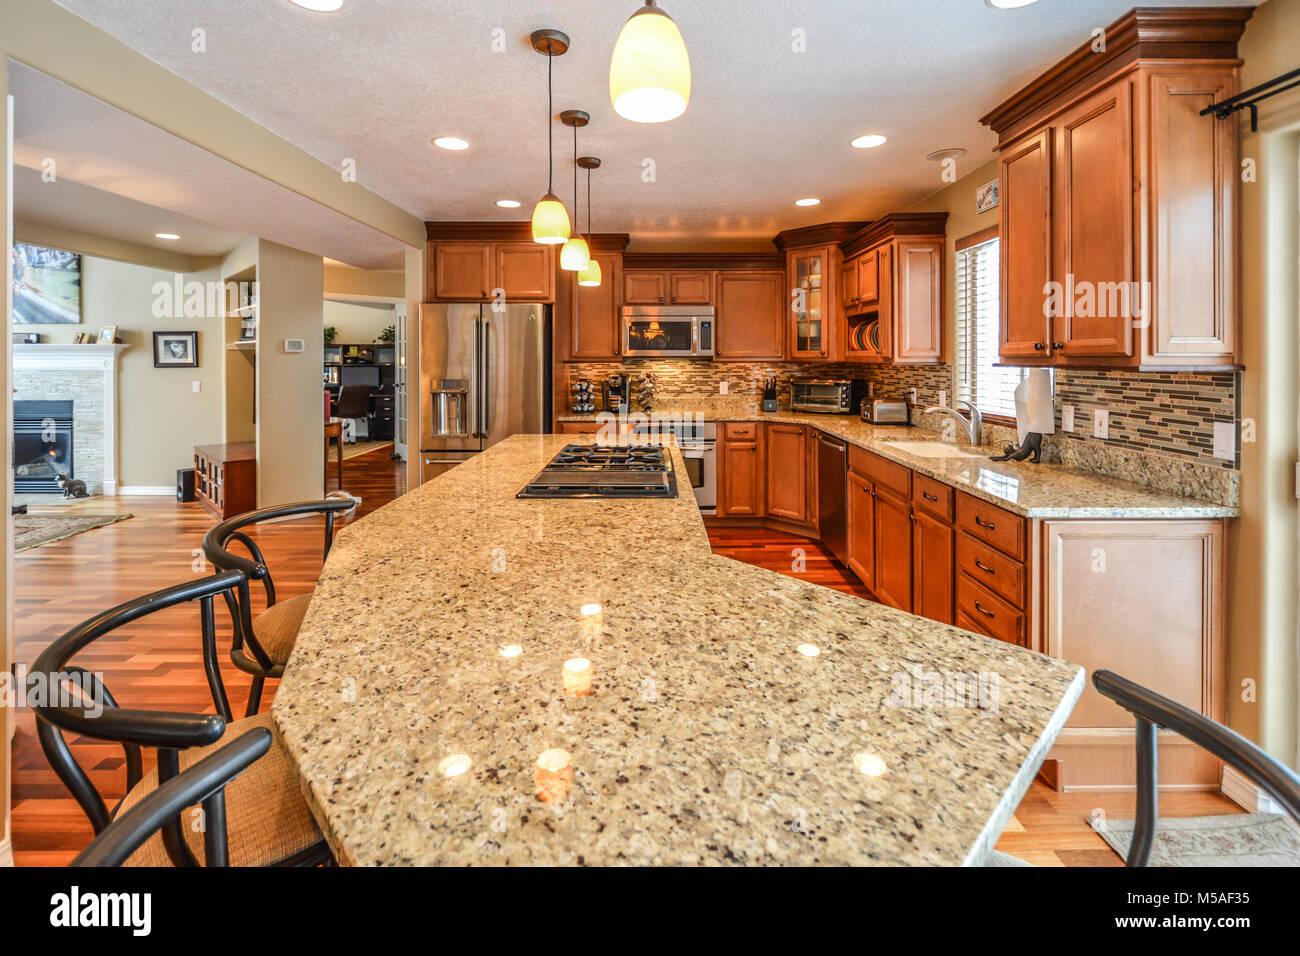 Großartig Küche Granitplatte Das Beste Von Geräumige Gehobene Küche In Einem Luxuriösen Mit